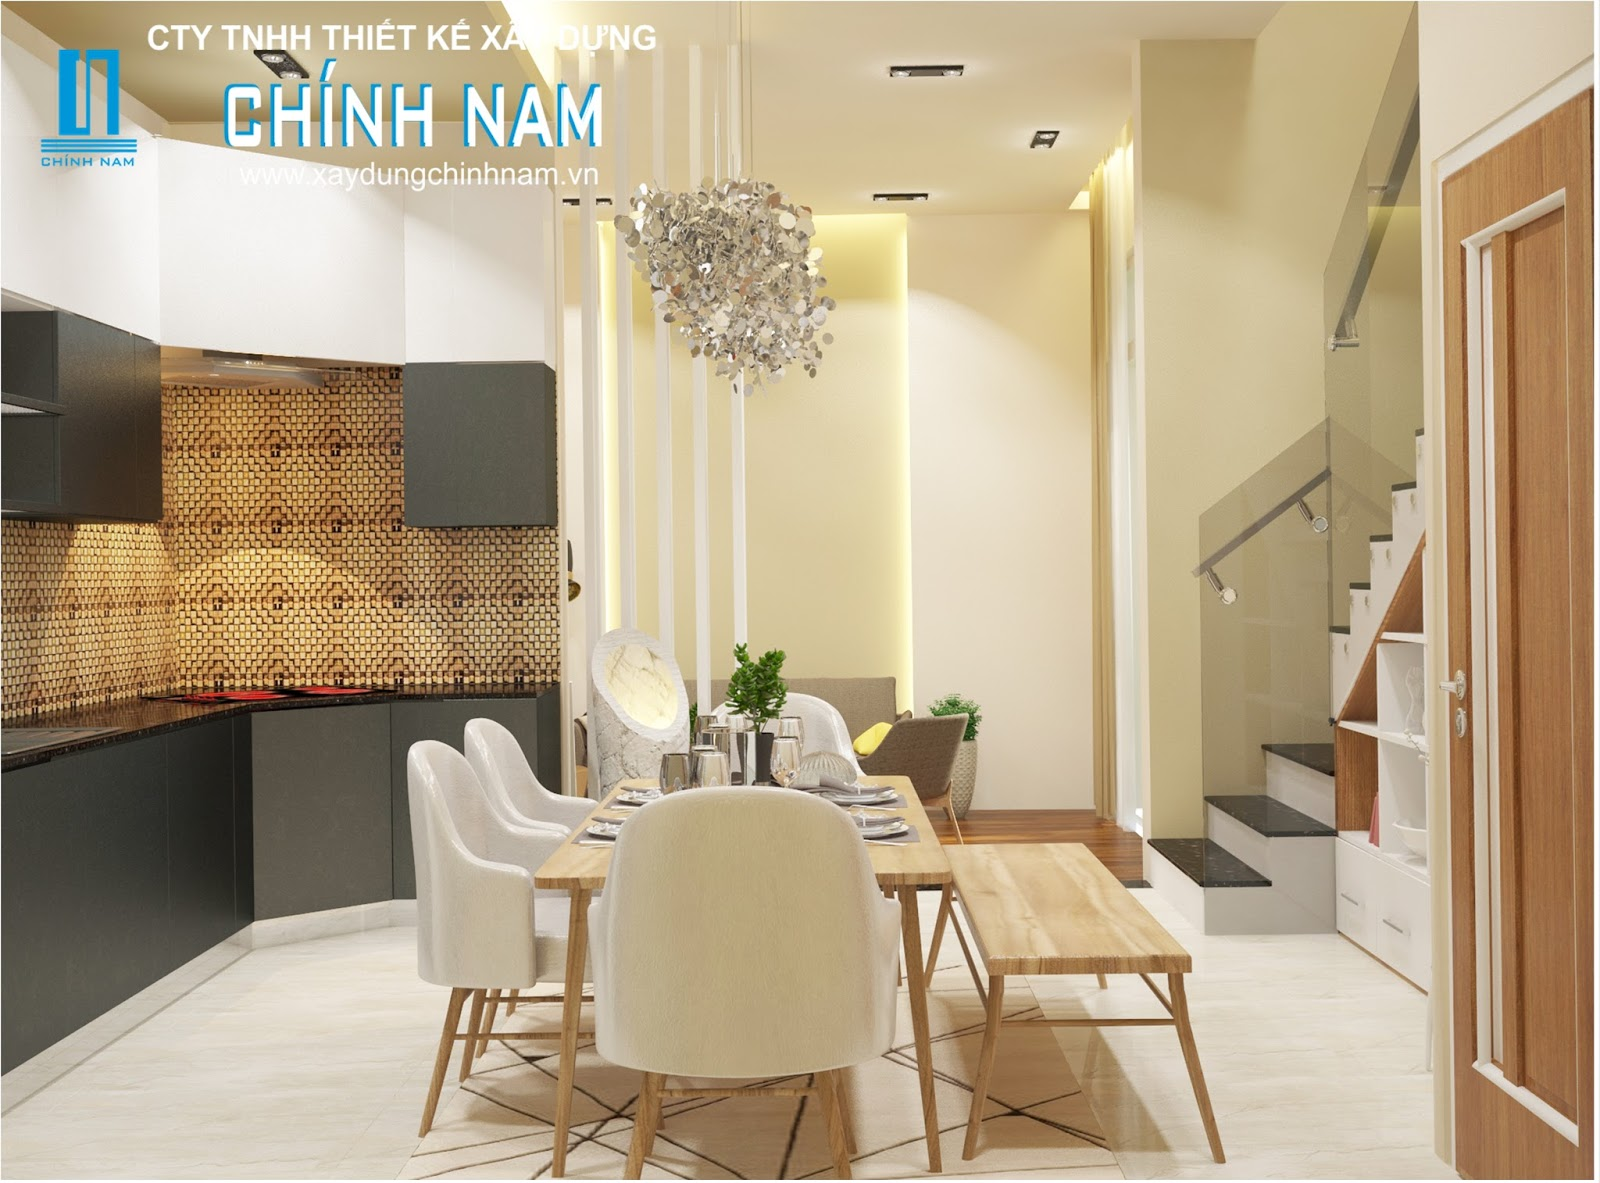 xây dựng nhà đẹp ở Biên Hòa